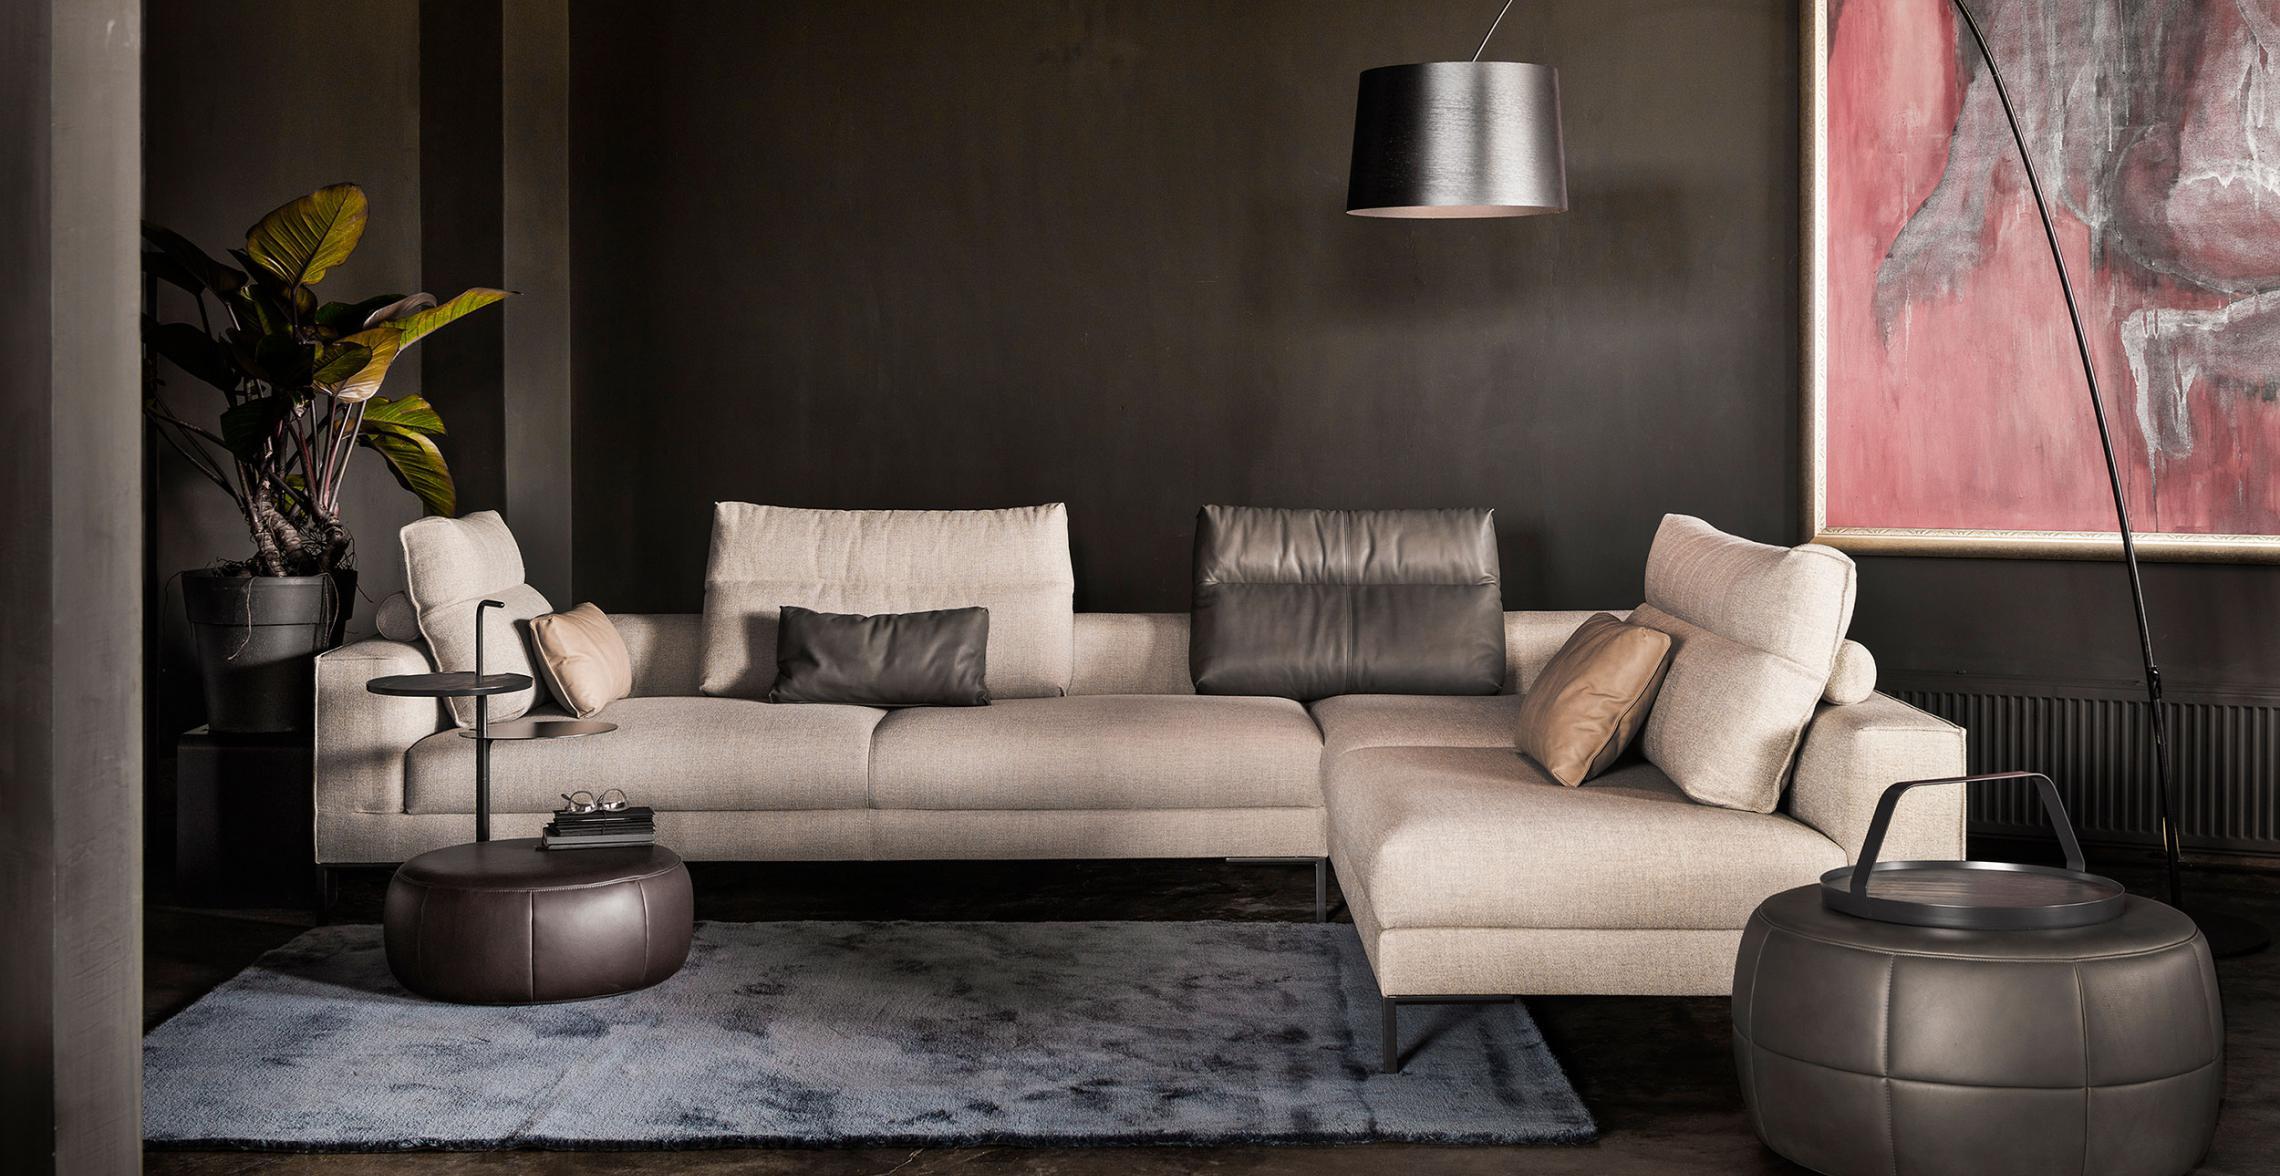 Design meubelen interieur plus peer design eetkamers salons for Interieur design antwerpen